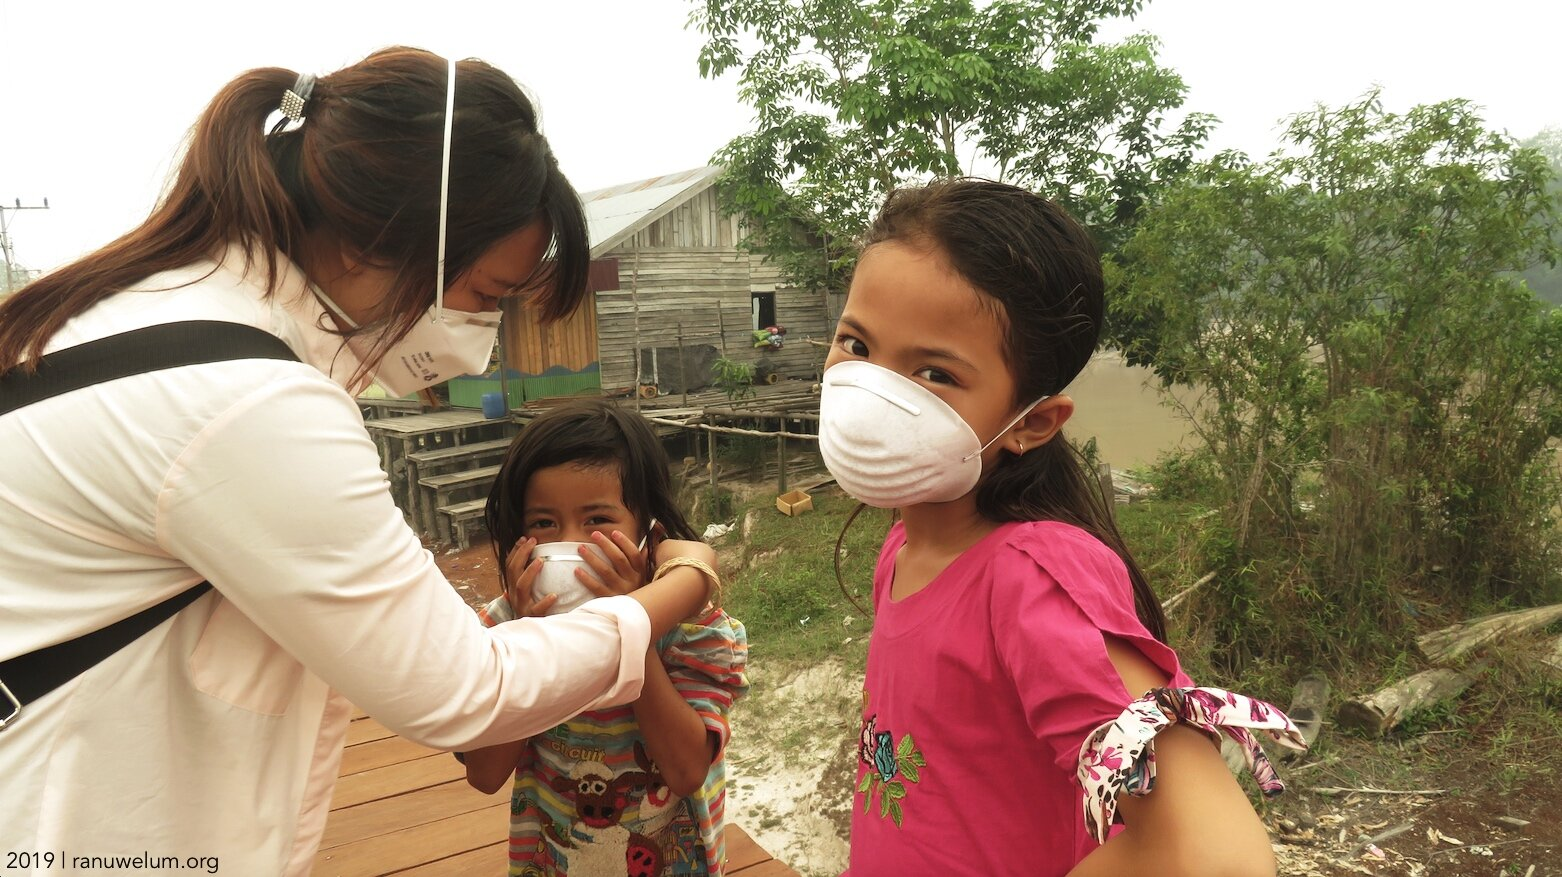 Ranu Welum staff Roro Ardya Garini with the children of Petuk Katimpun village.